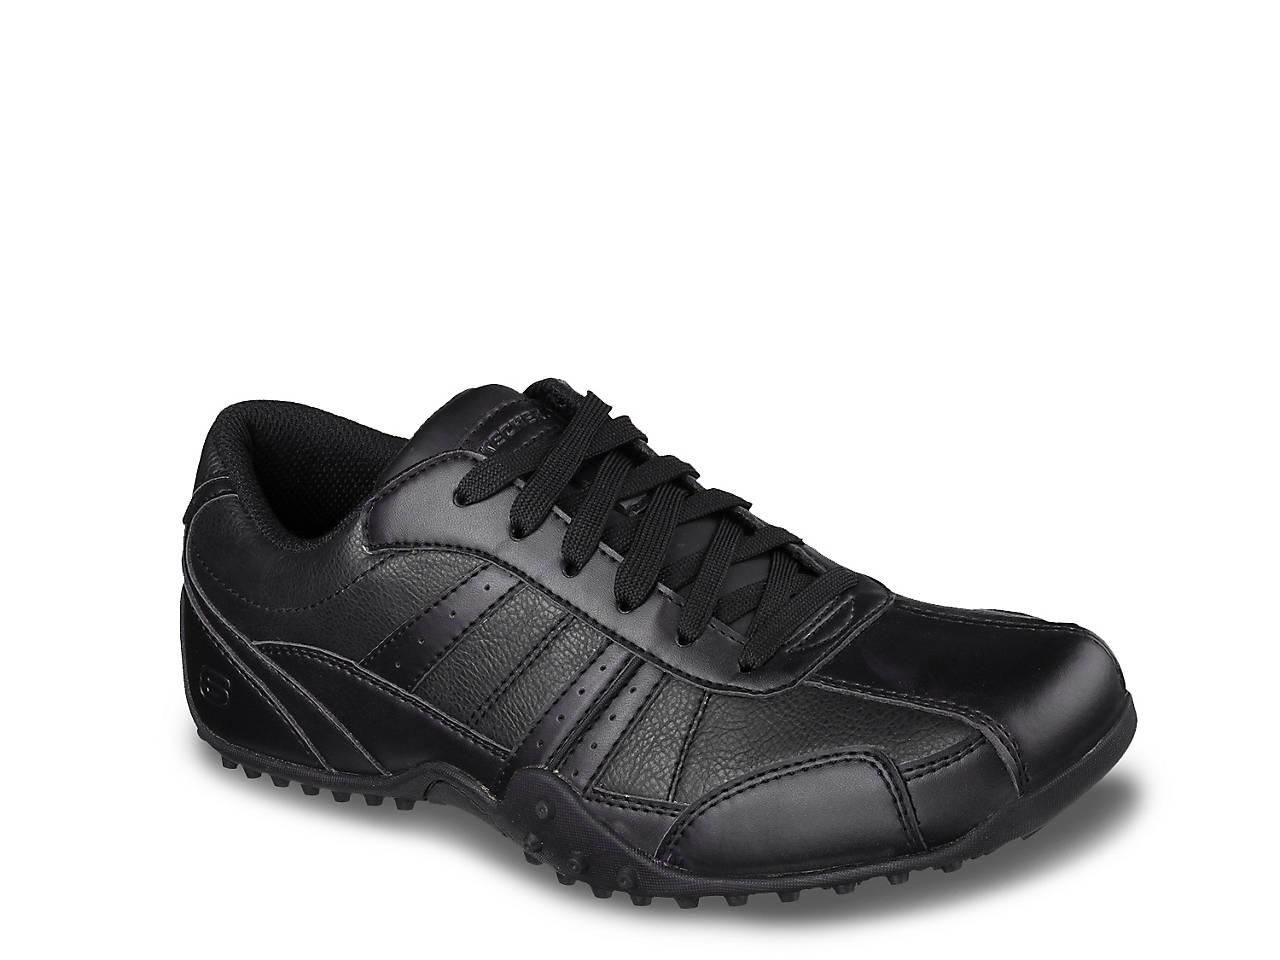 skechers mens black work shoes